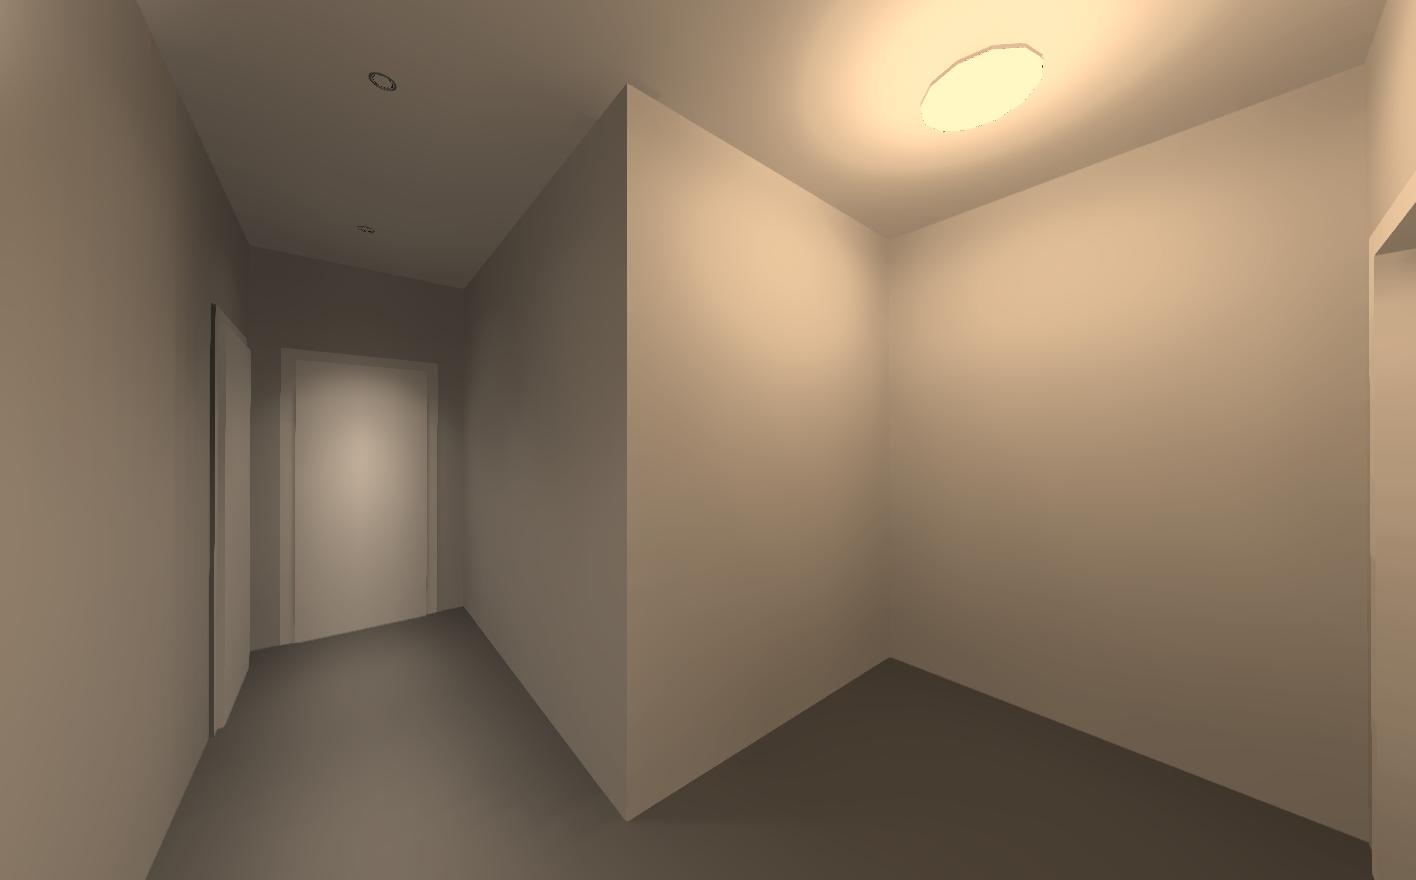 Визуализация освещения. Входная зона